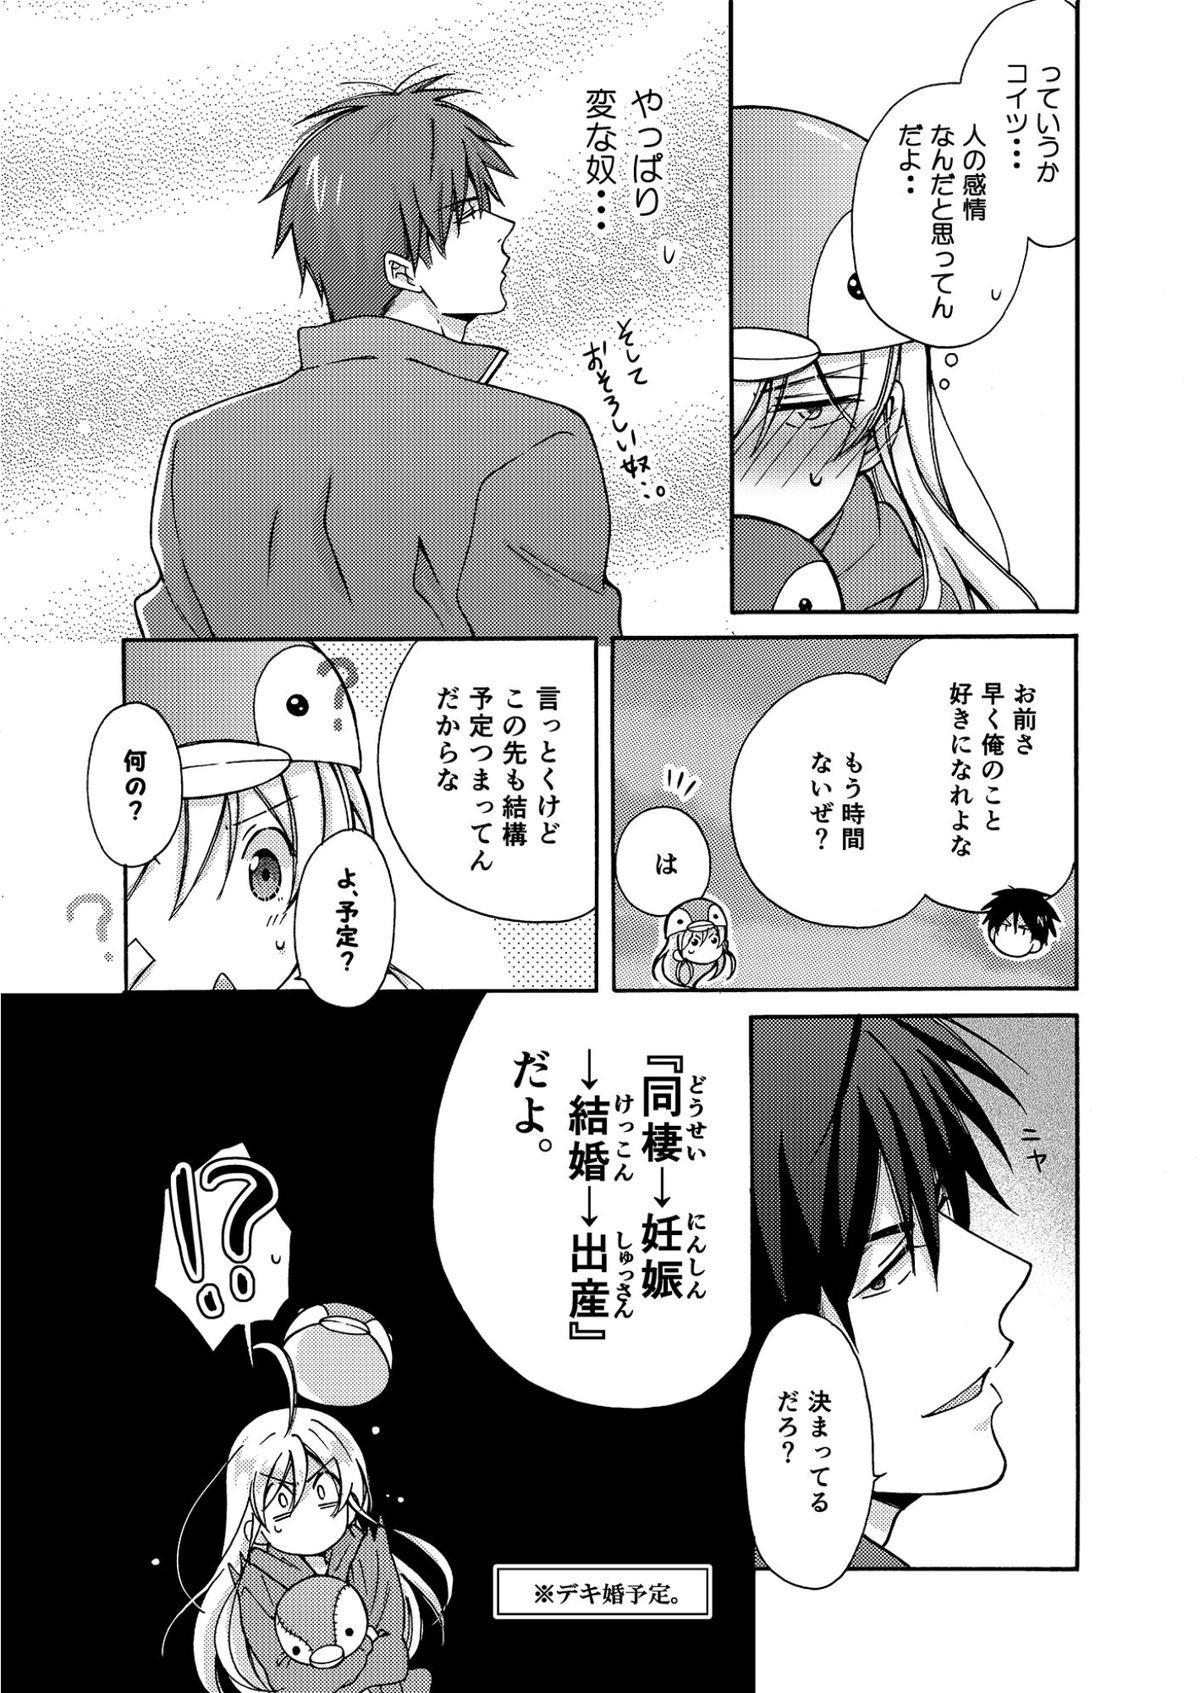 Nyotaika Yankee Gakuen ☆ Ore no Hajimete, Nerawaretemasu. 4 34